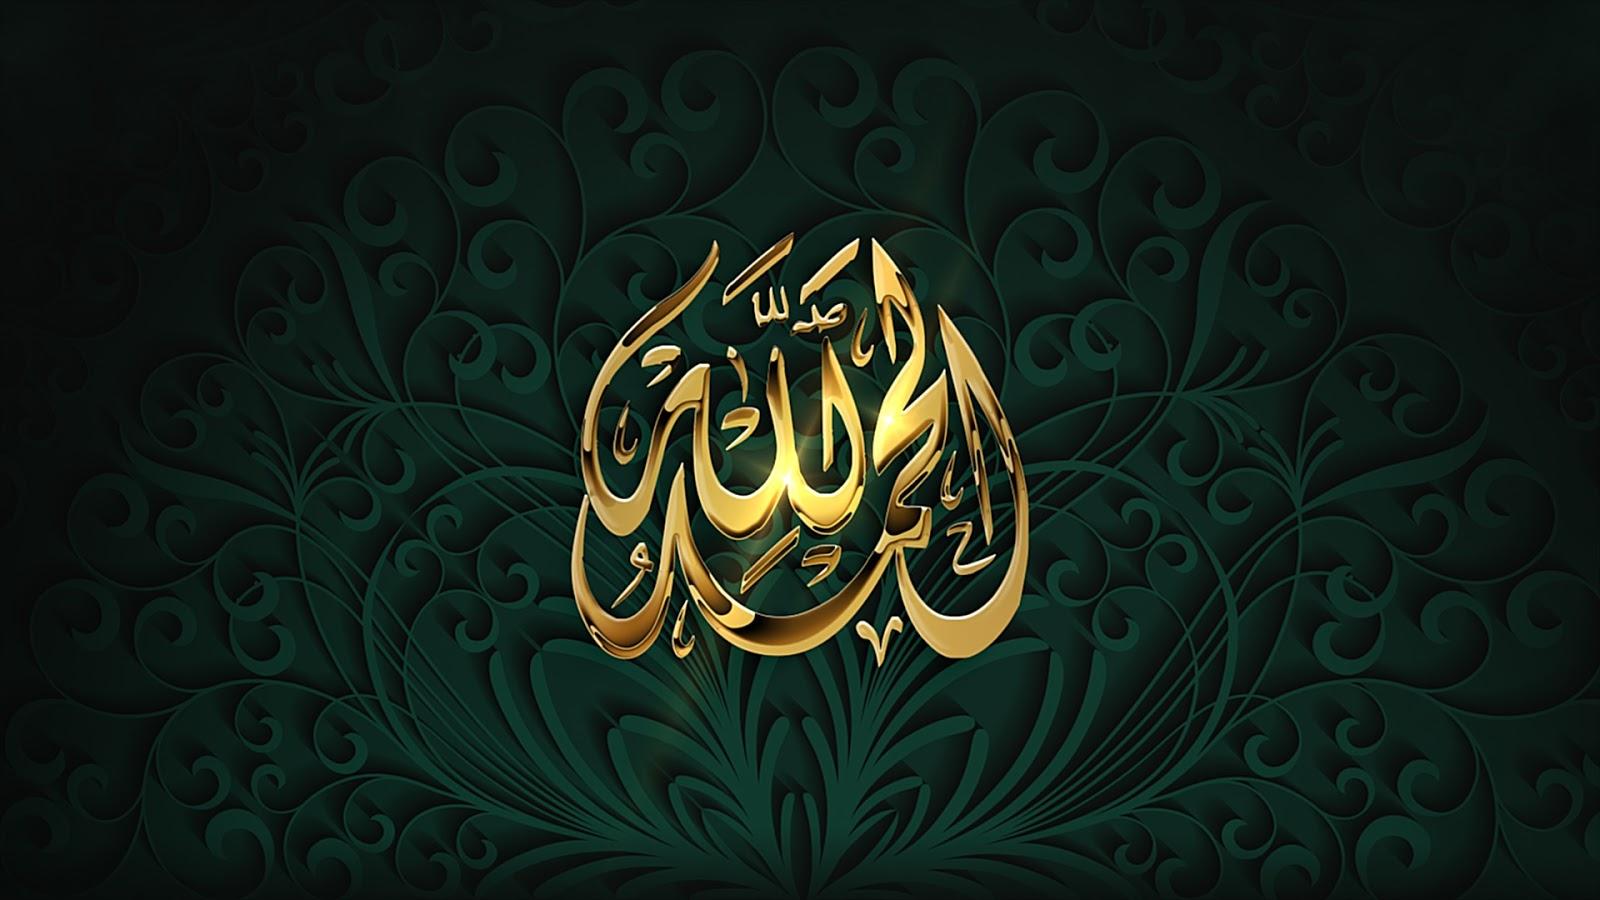 Lailahaillallah Muhammadarrasulullah Meaning